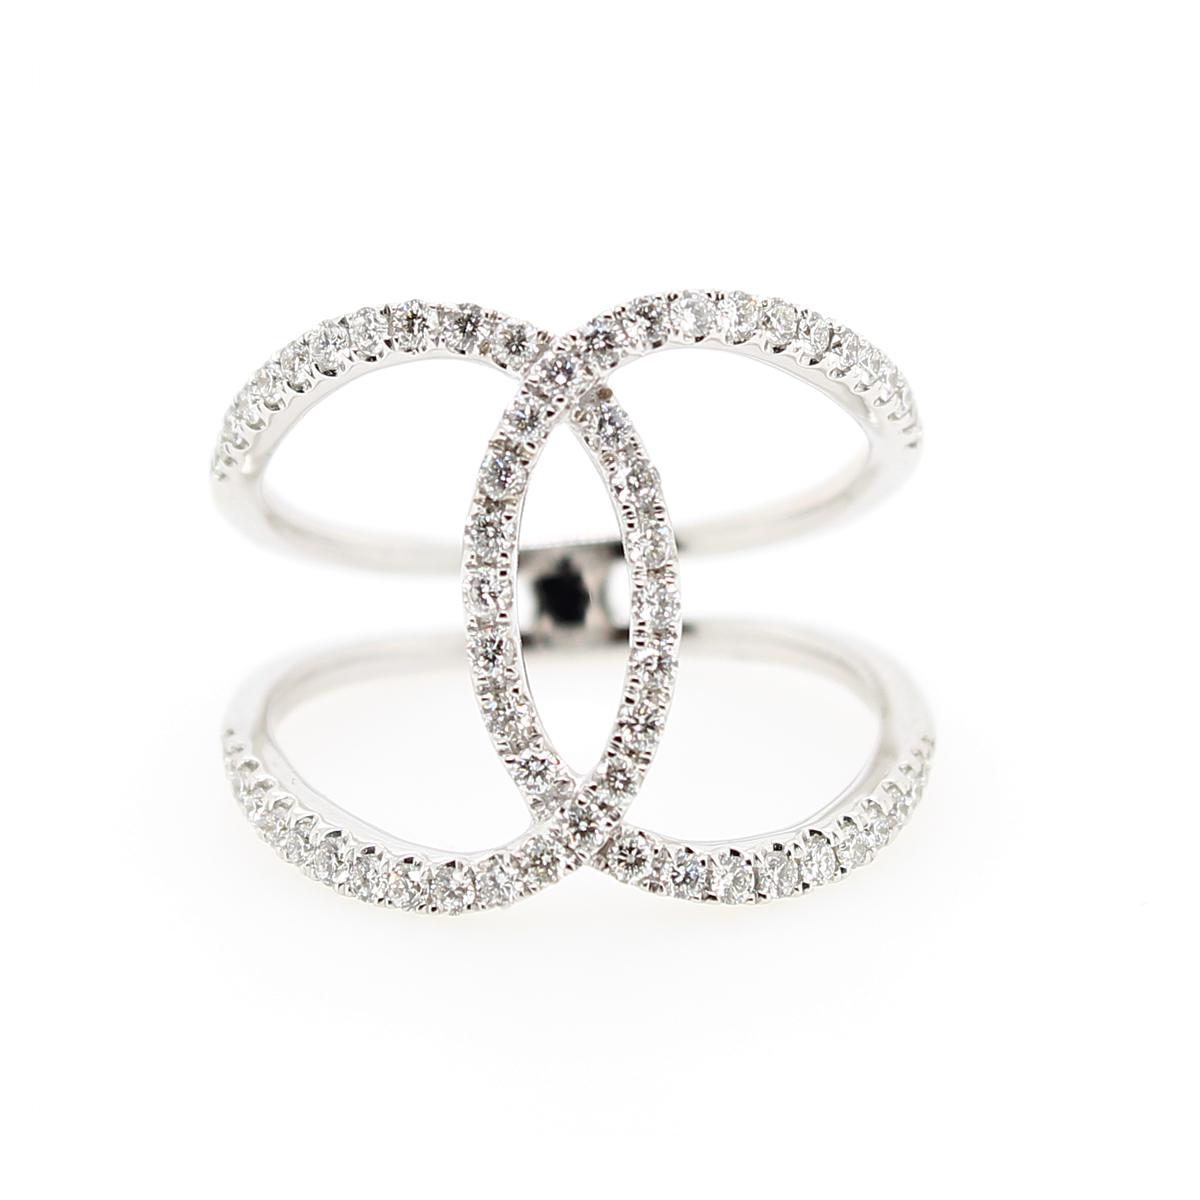 18 Karat White Gold Interlocking Diamond Ring